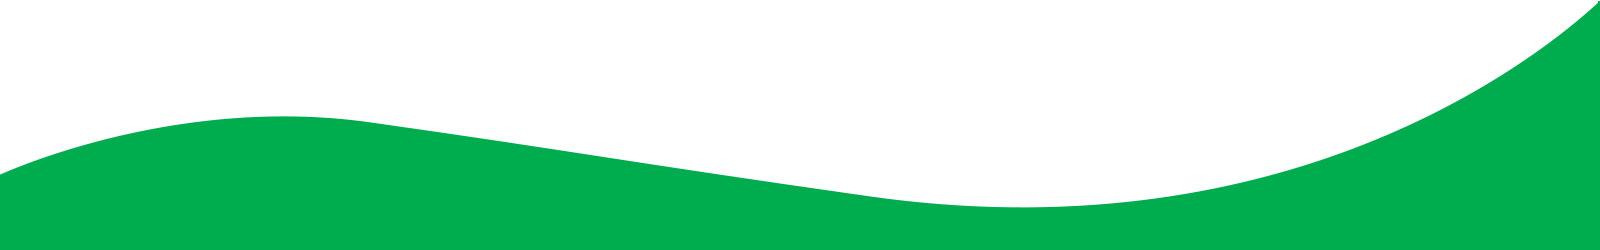 アクレダ銀行口座開設サポート / カンボジア投資サポート